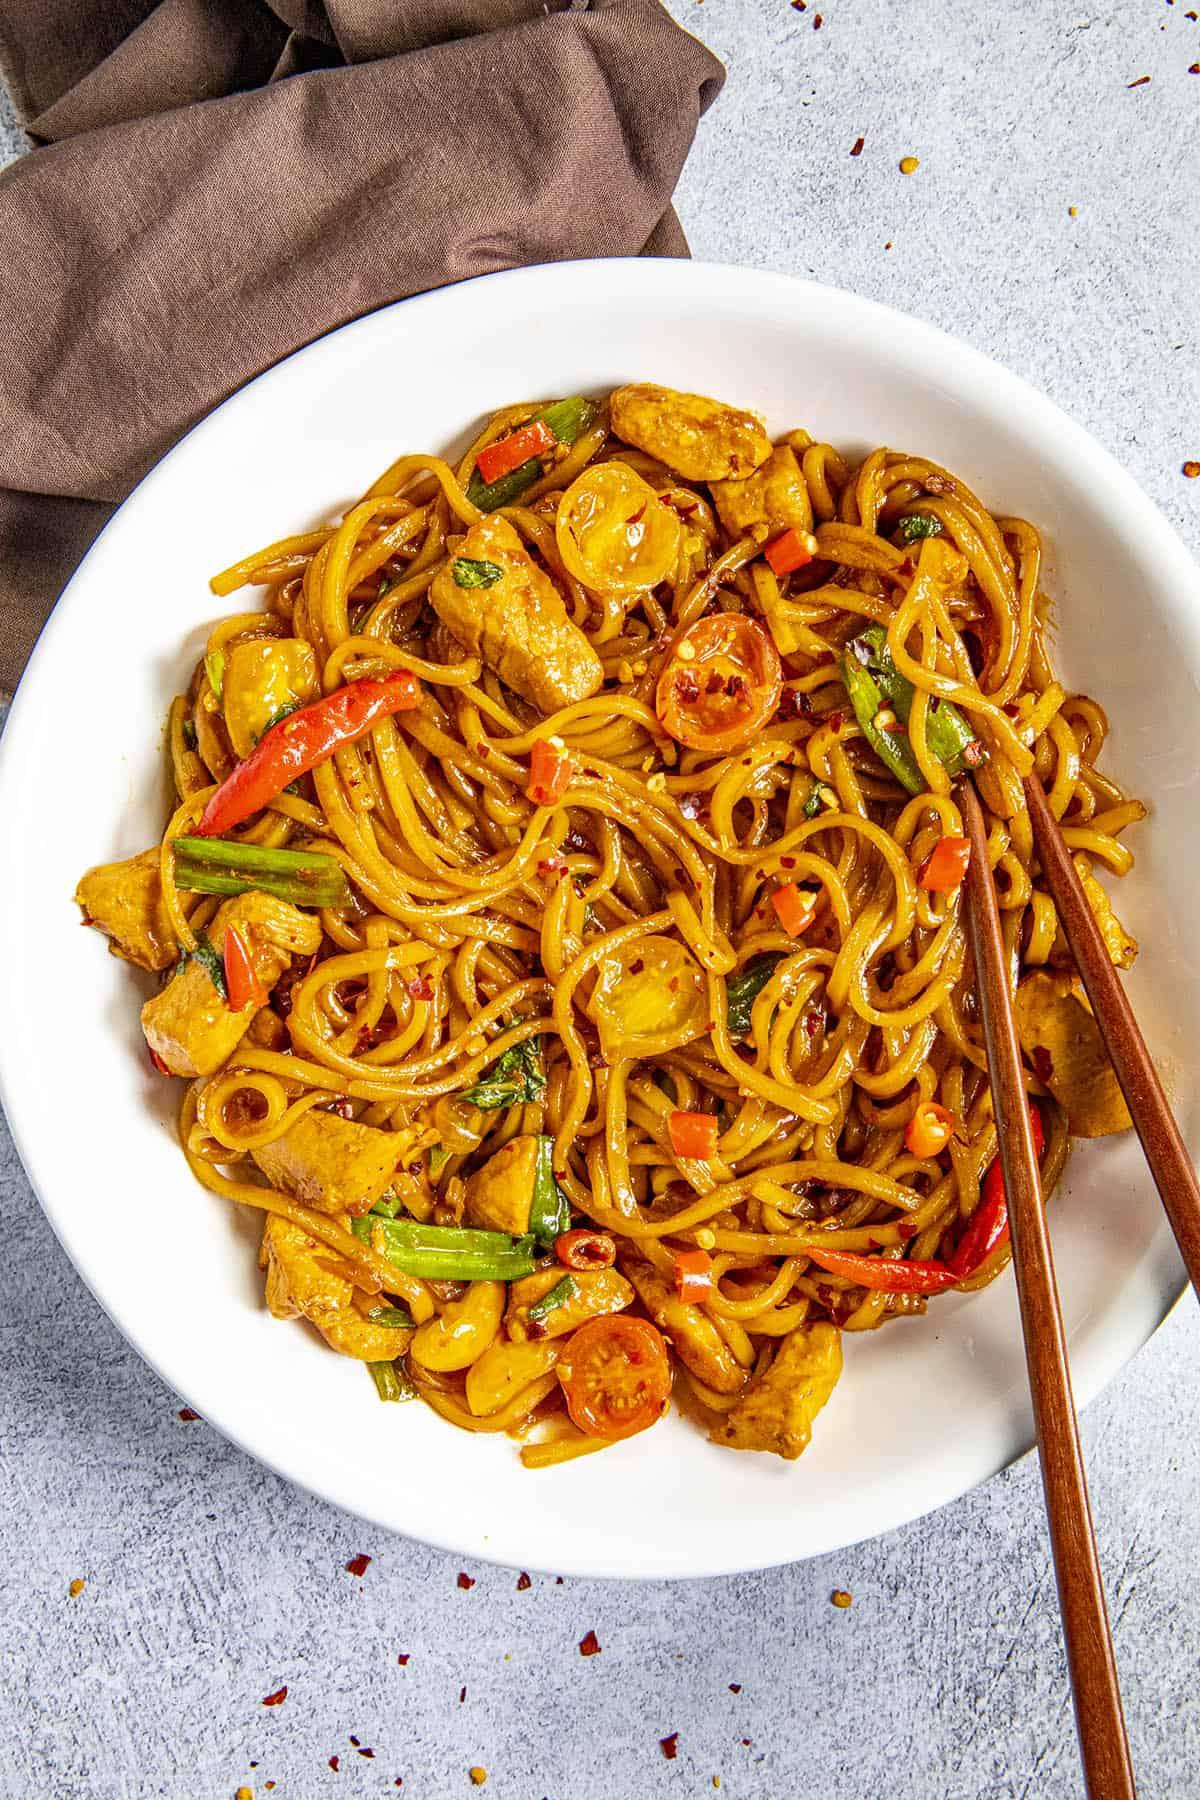 Drunken Noodles in a bowl with chopsticks